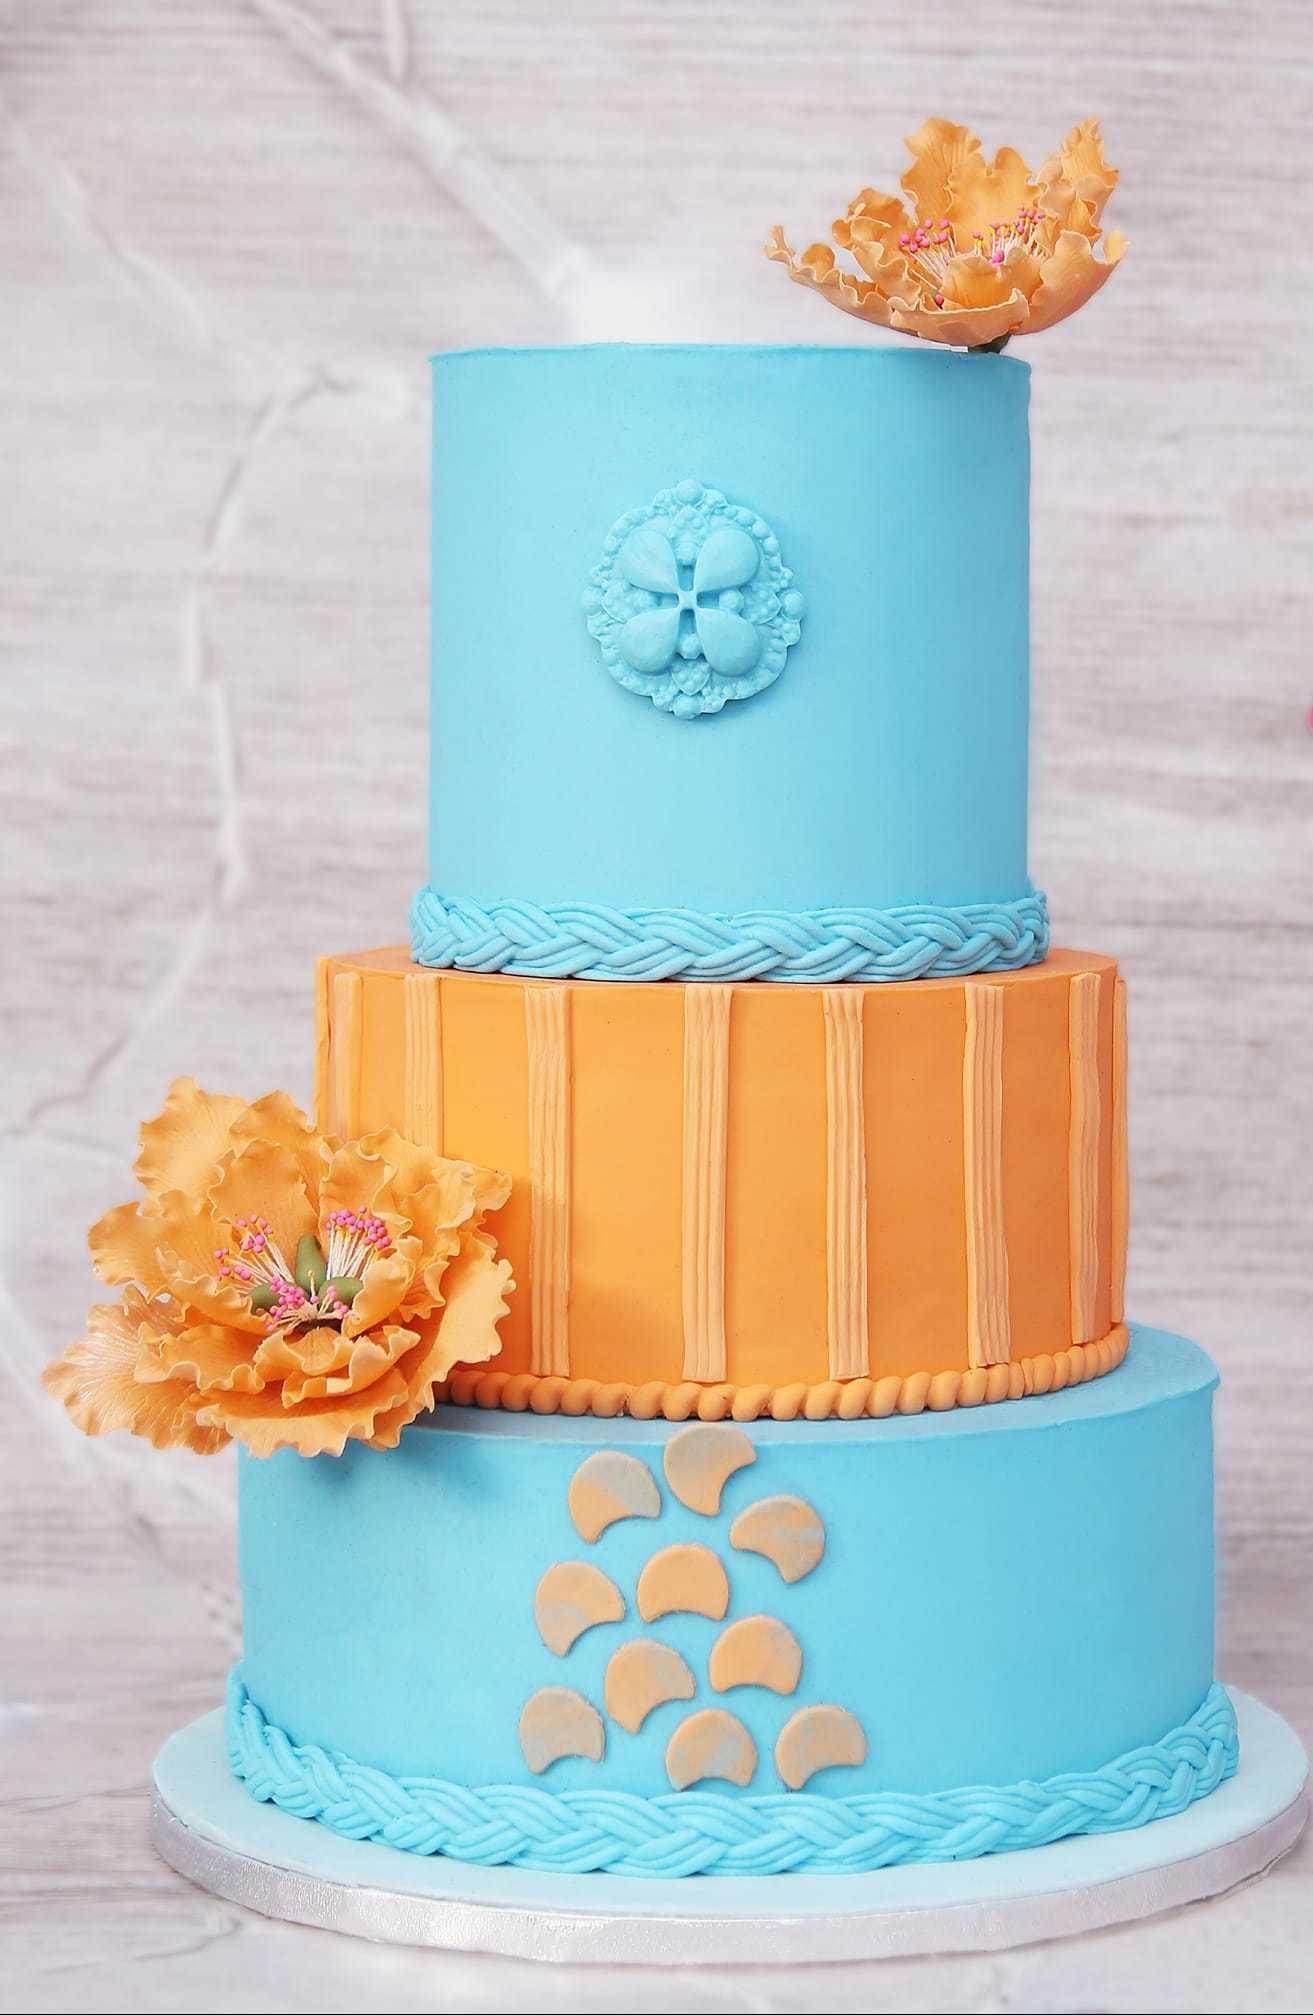 Light blue and orange fondant wedding cake